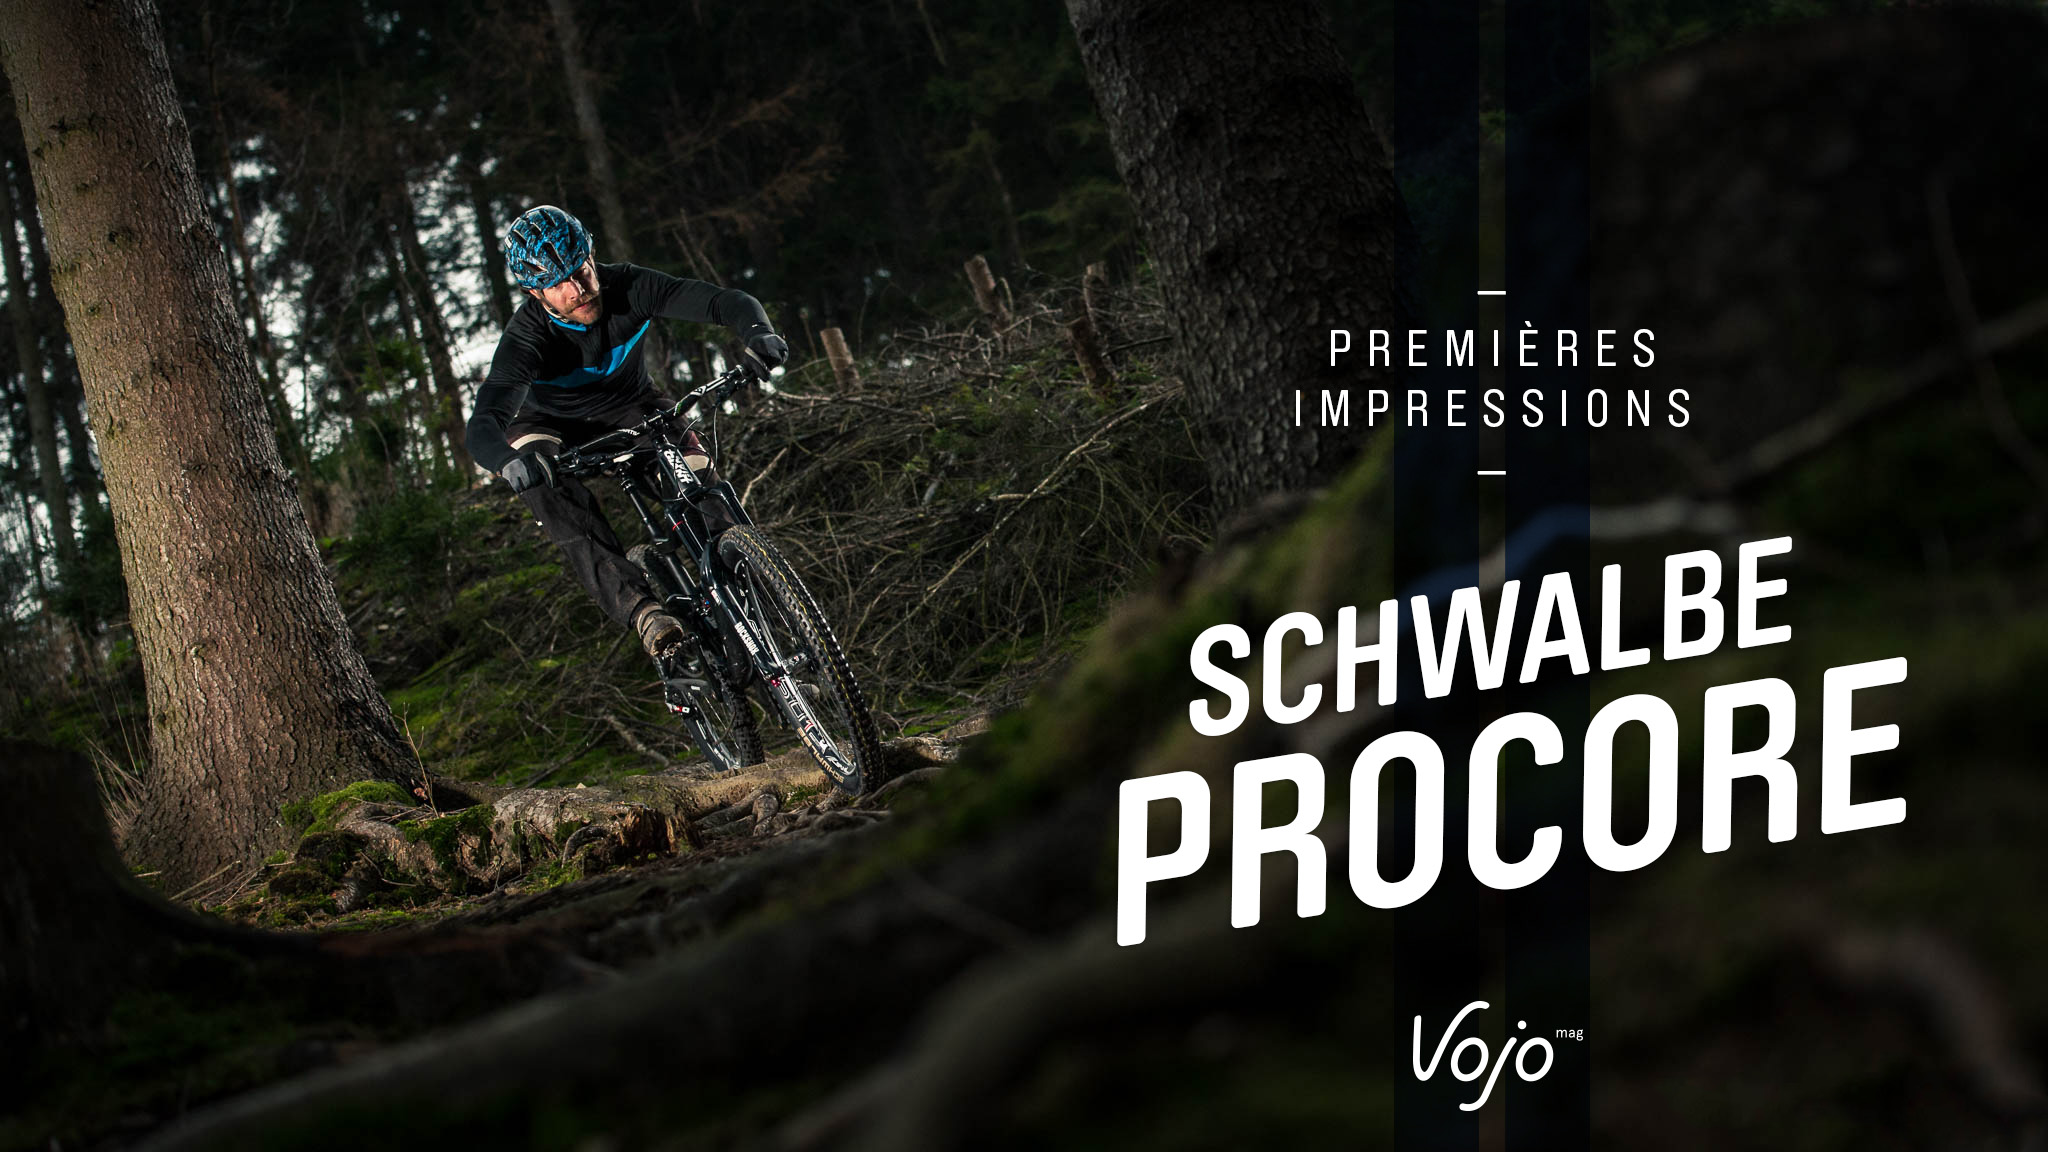 On a installé et roulé le Schwalbe Procore ! - Vojo Magazine